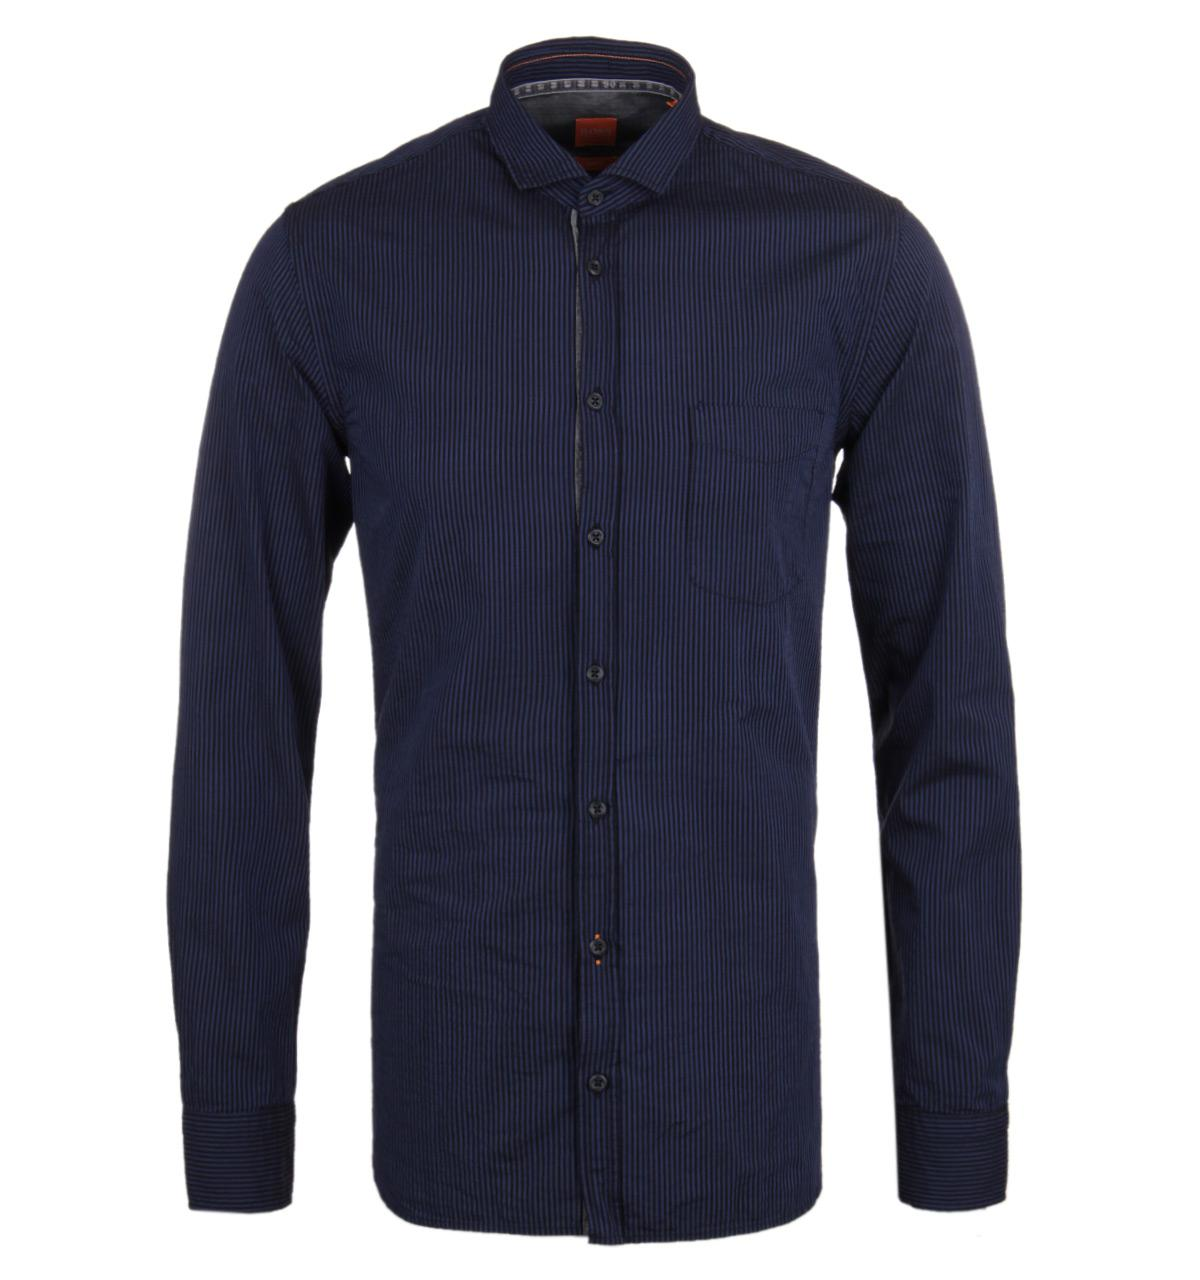 Boss orange cattitude navy stripe long sleeve shirt in for Navy blue striped long sleeve shirt